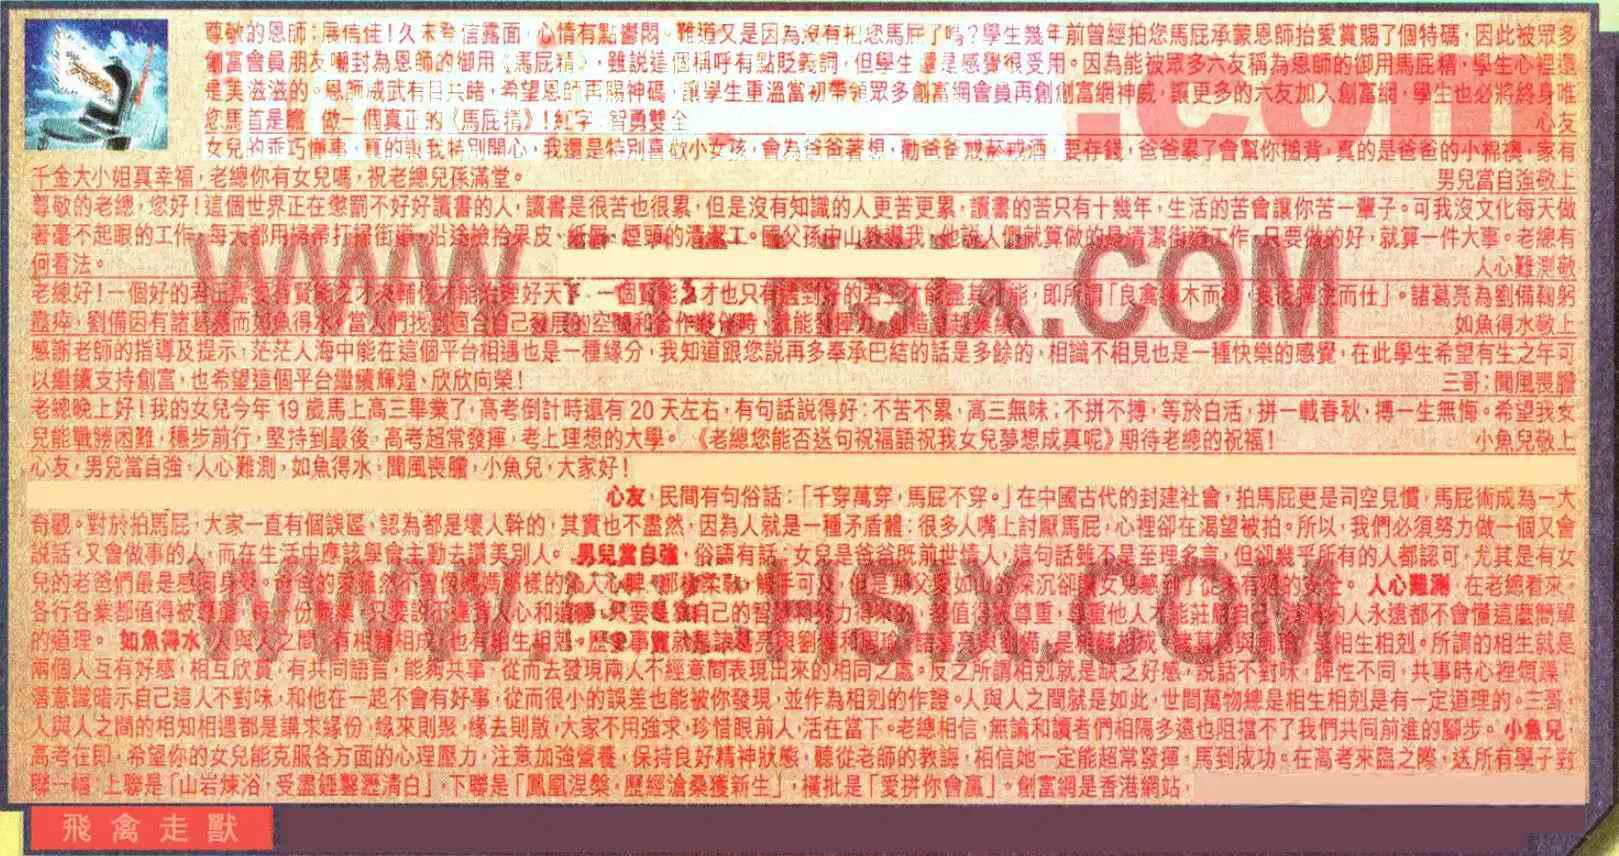 057期六合皇信箱